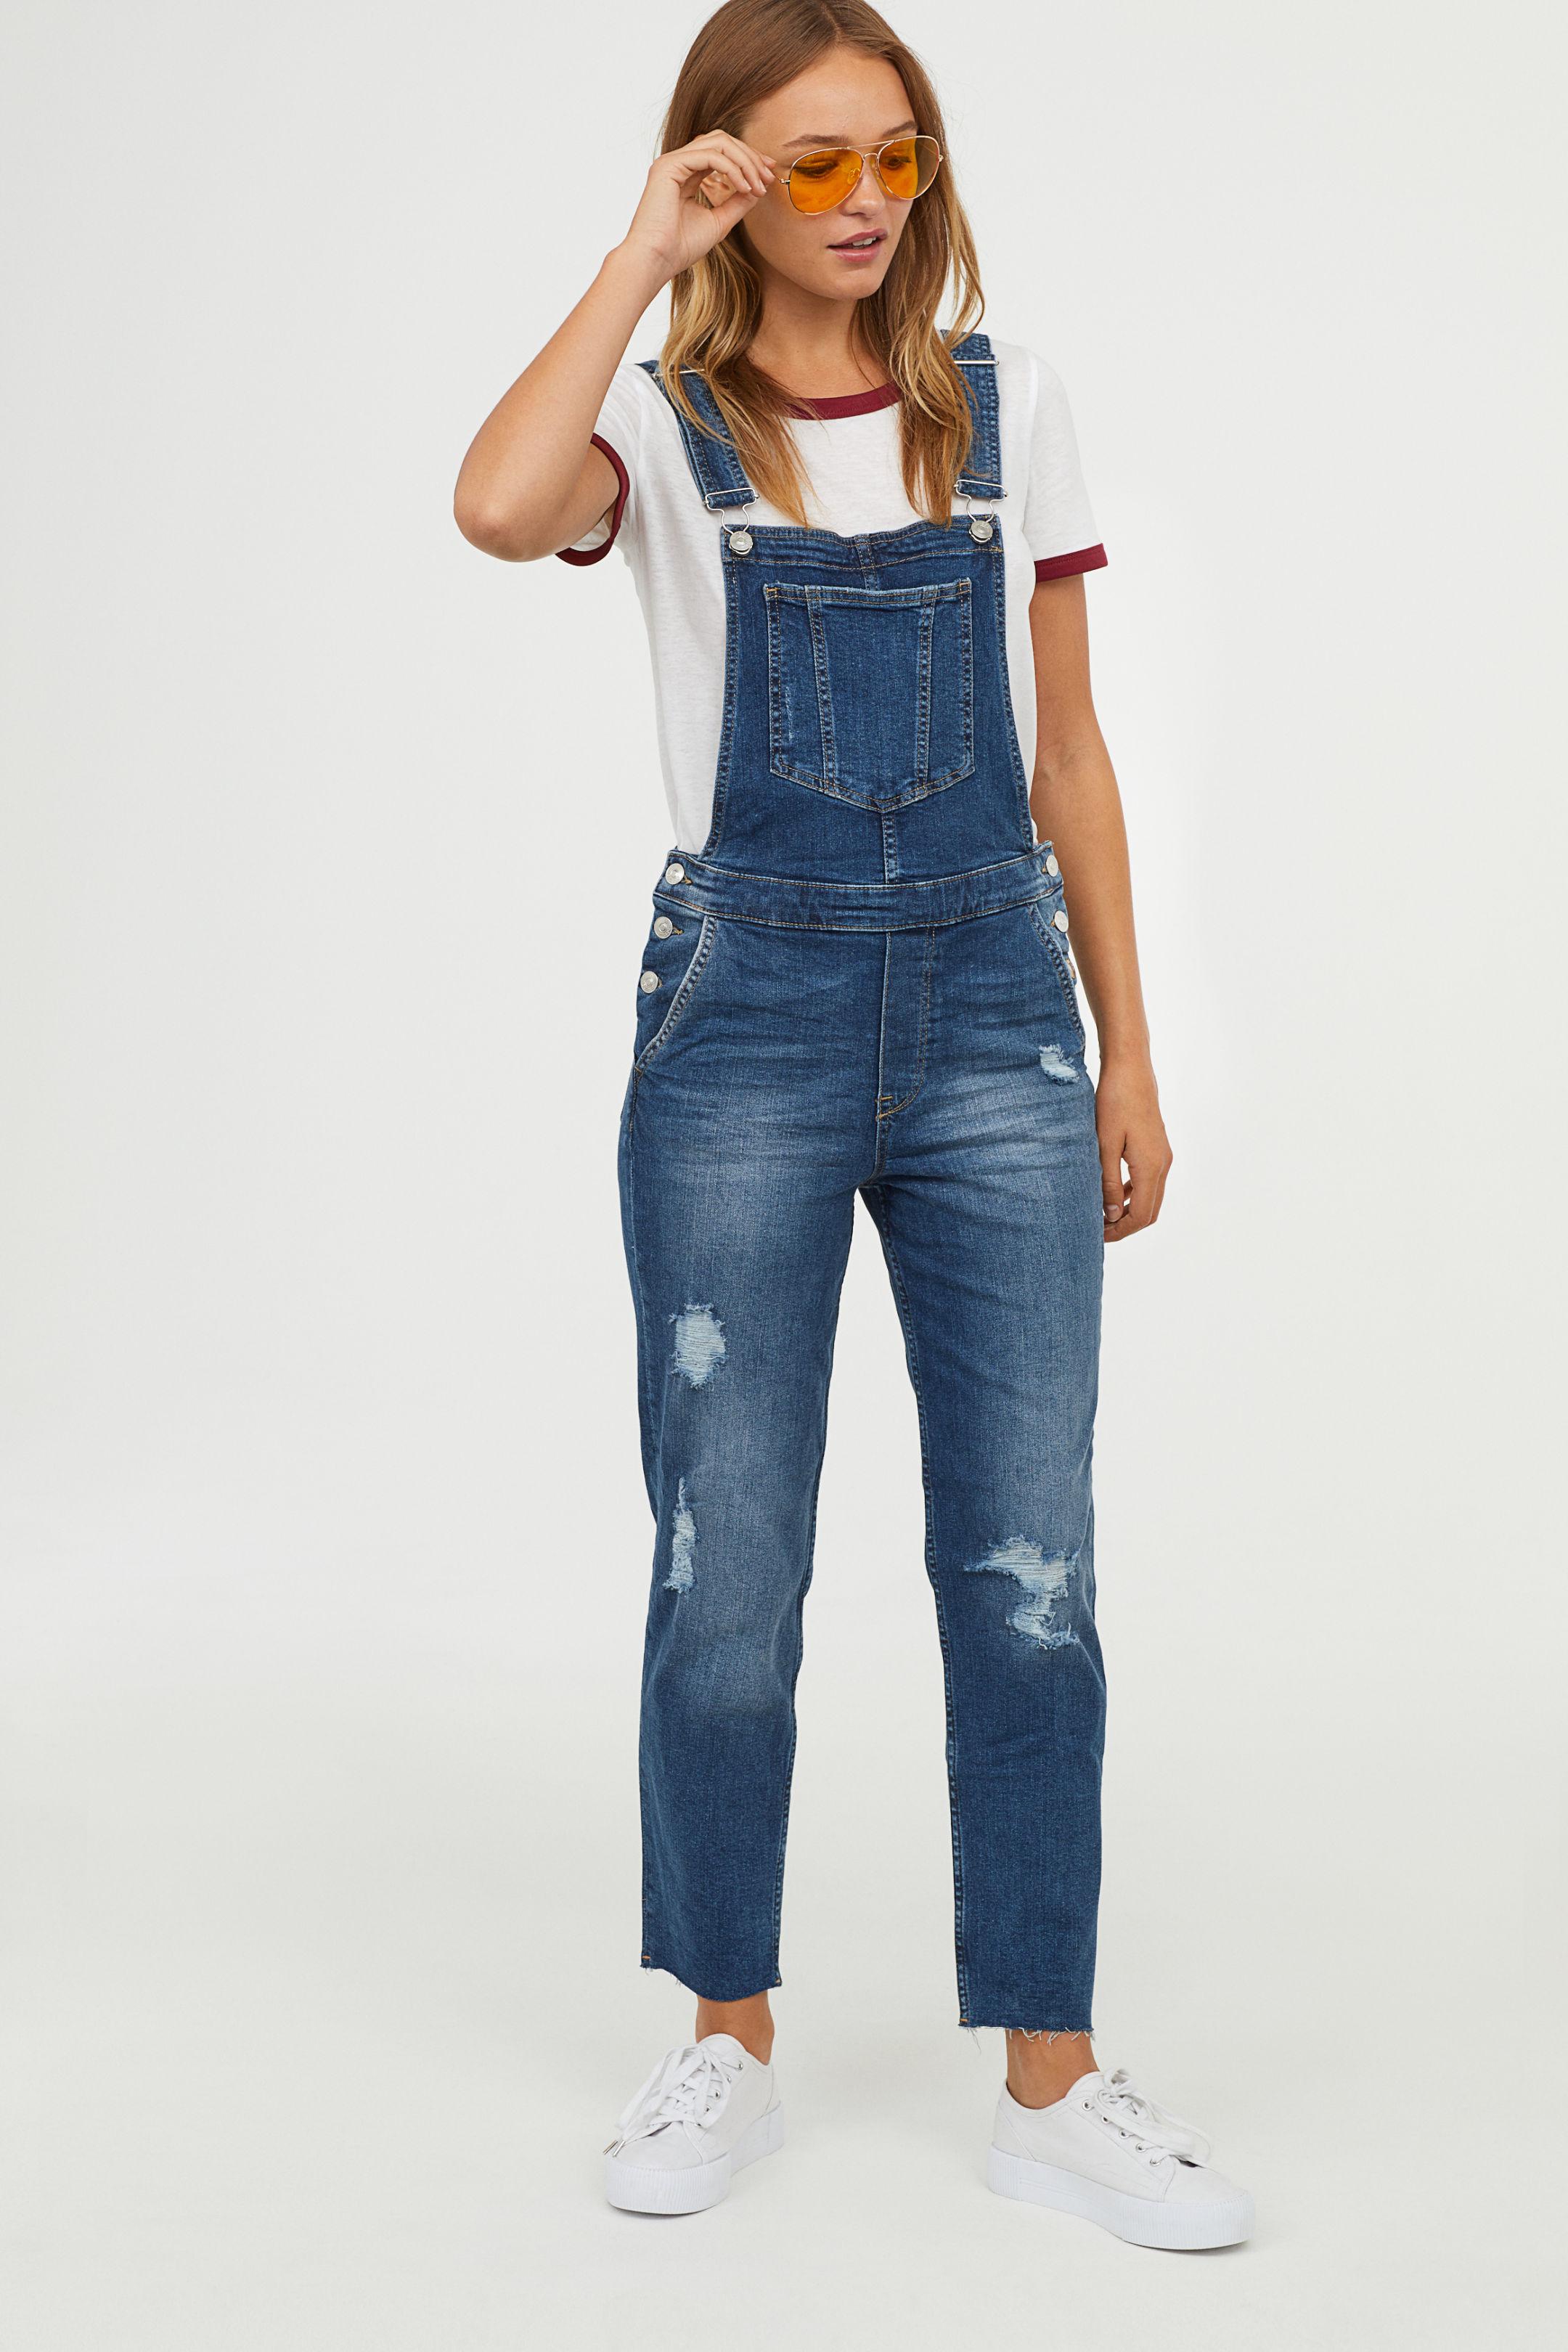 Salopette di jeans lunga H&M salopette autunno inverno 2018-2019